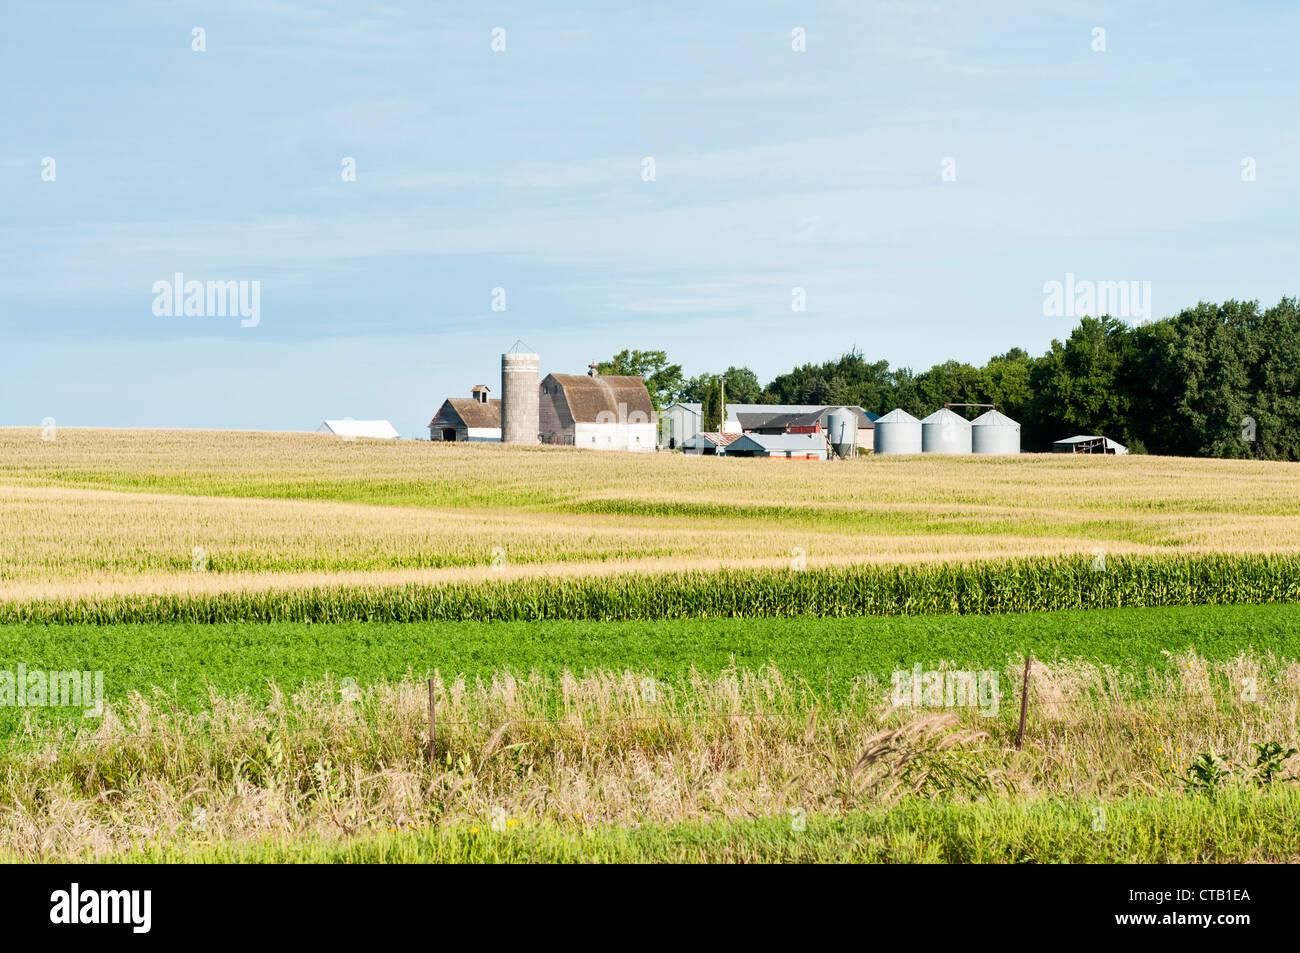 Edifici agricoli sono mostrati con un campo di grano in primo piano. Immagini Stock